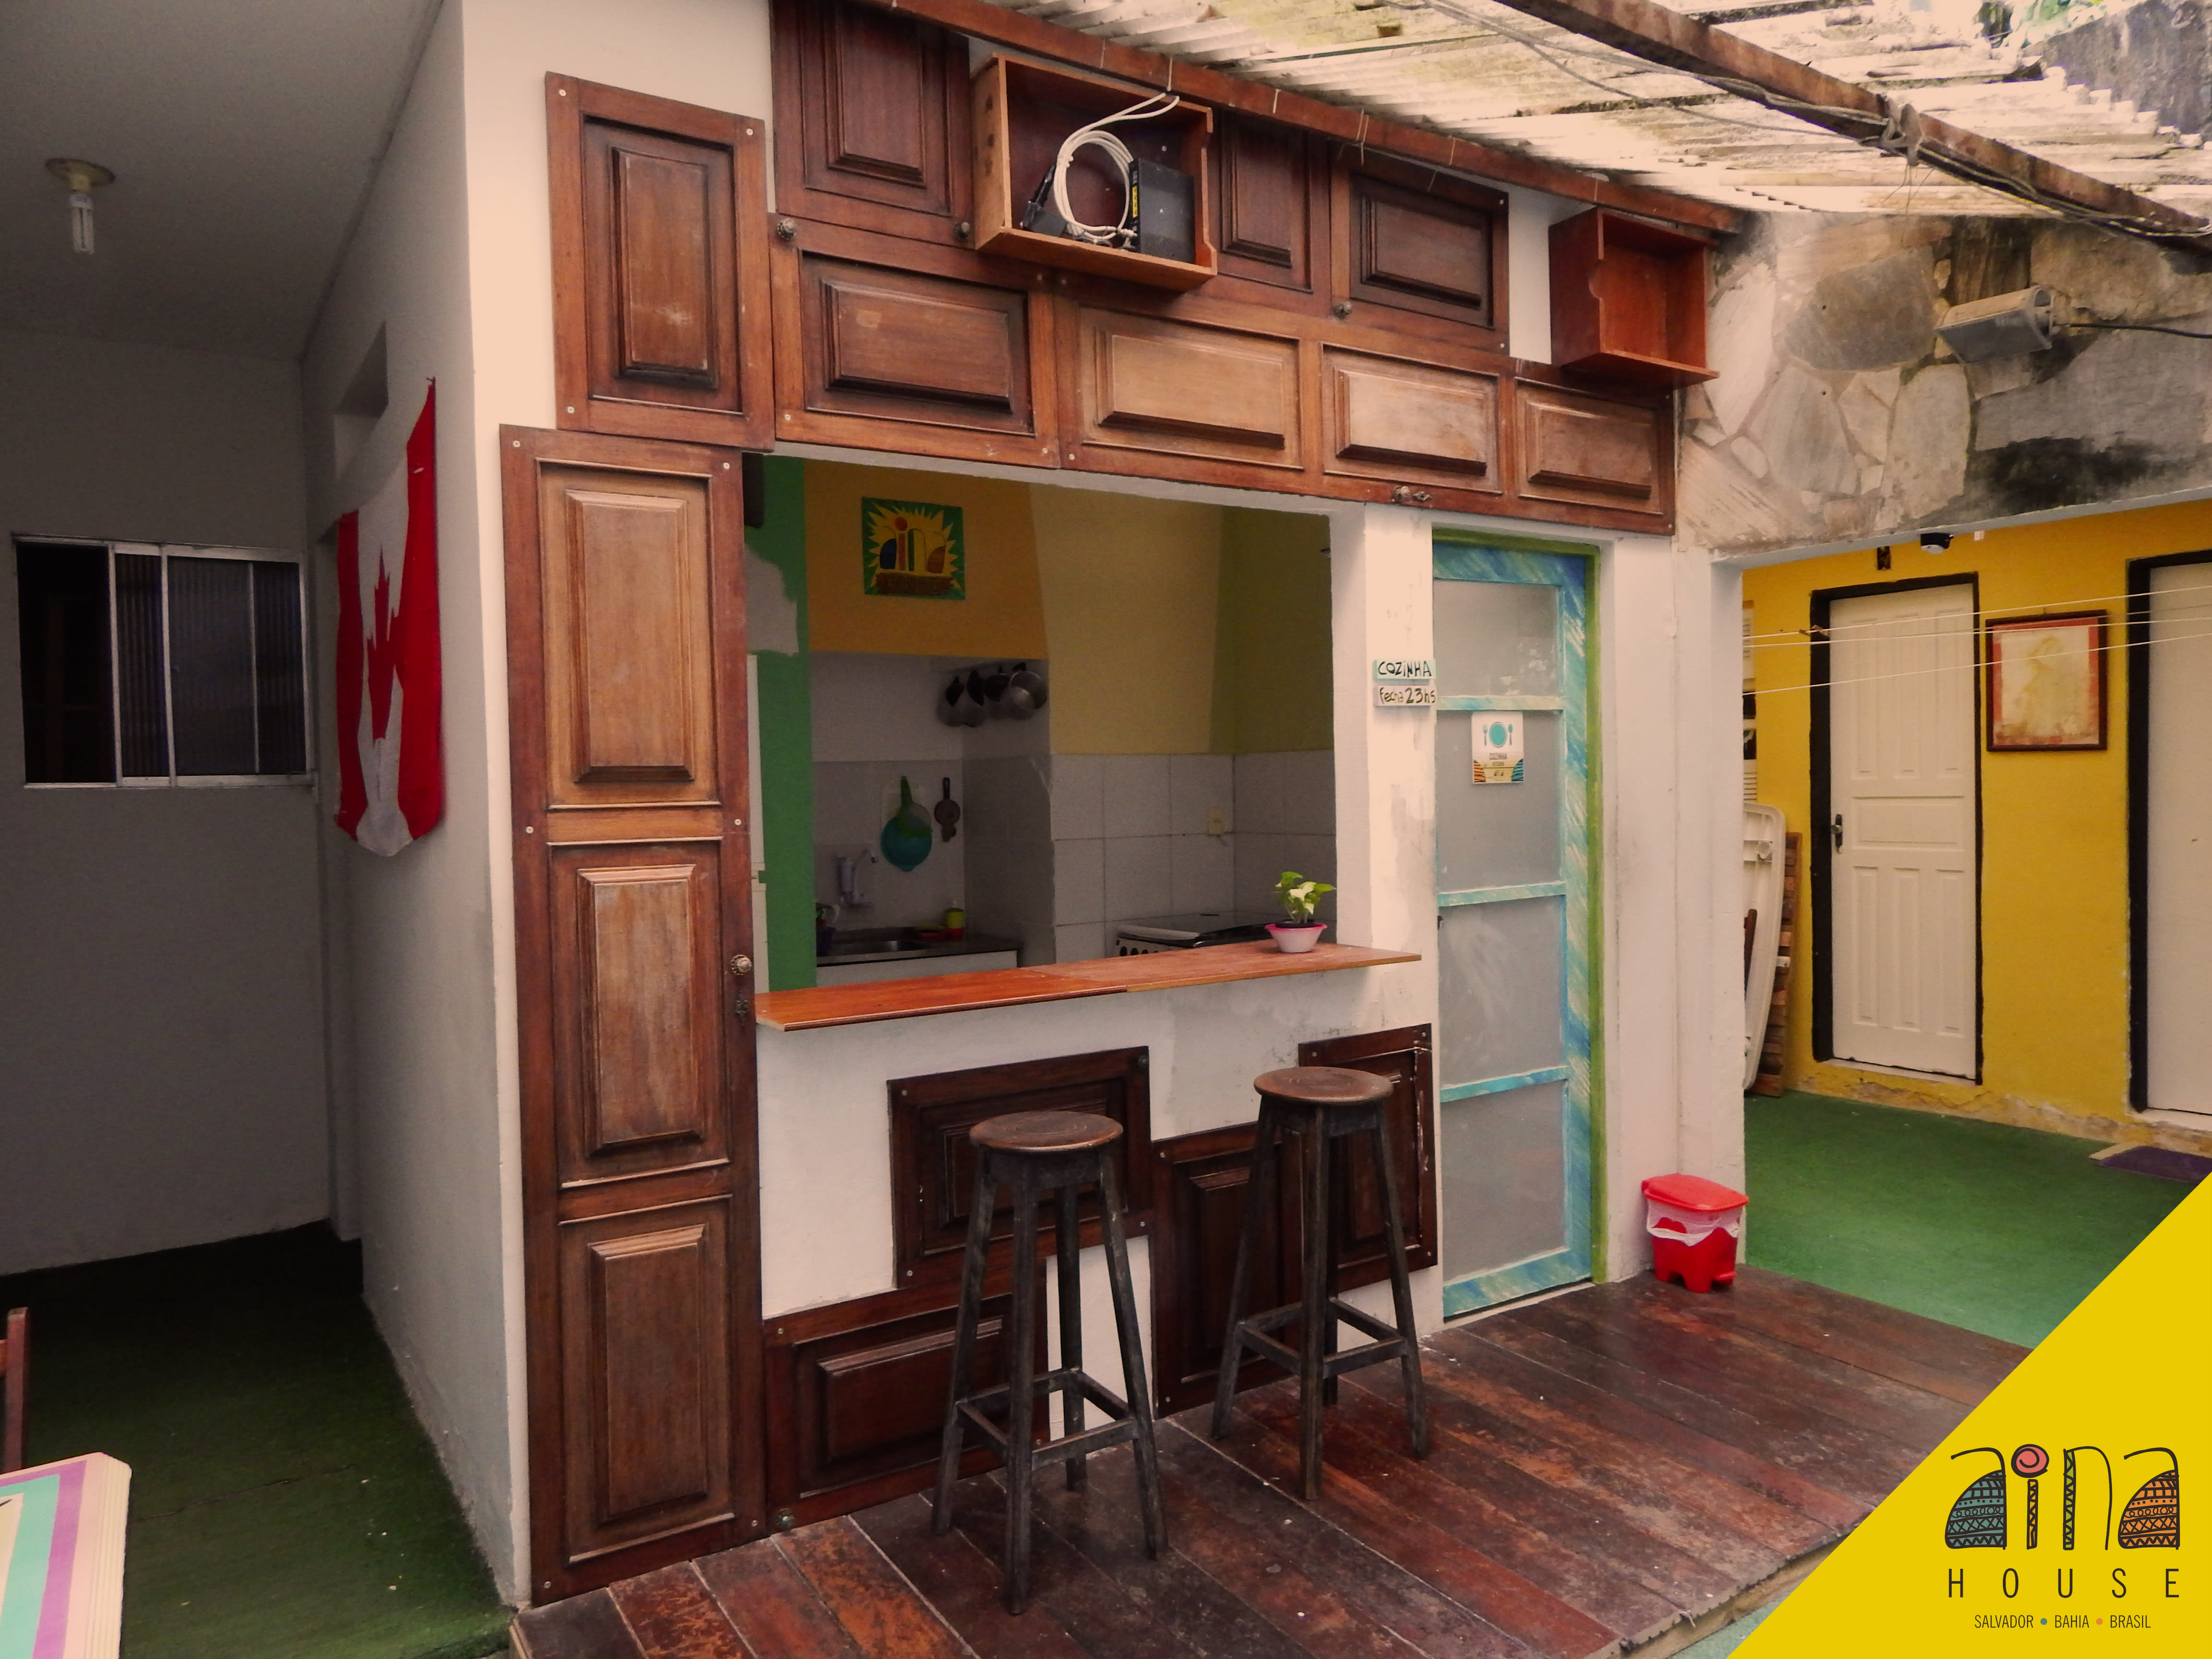 HOSTEL - Aina House Salvador